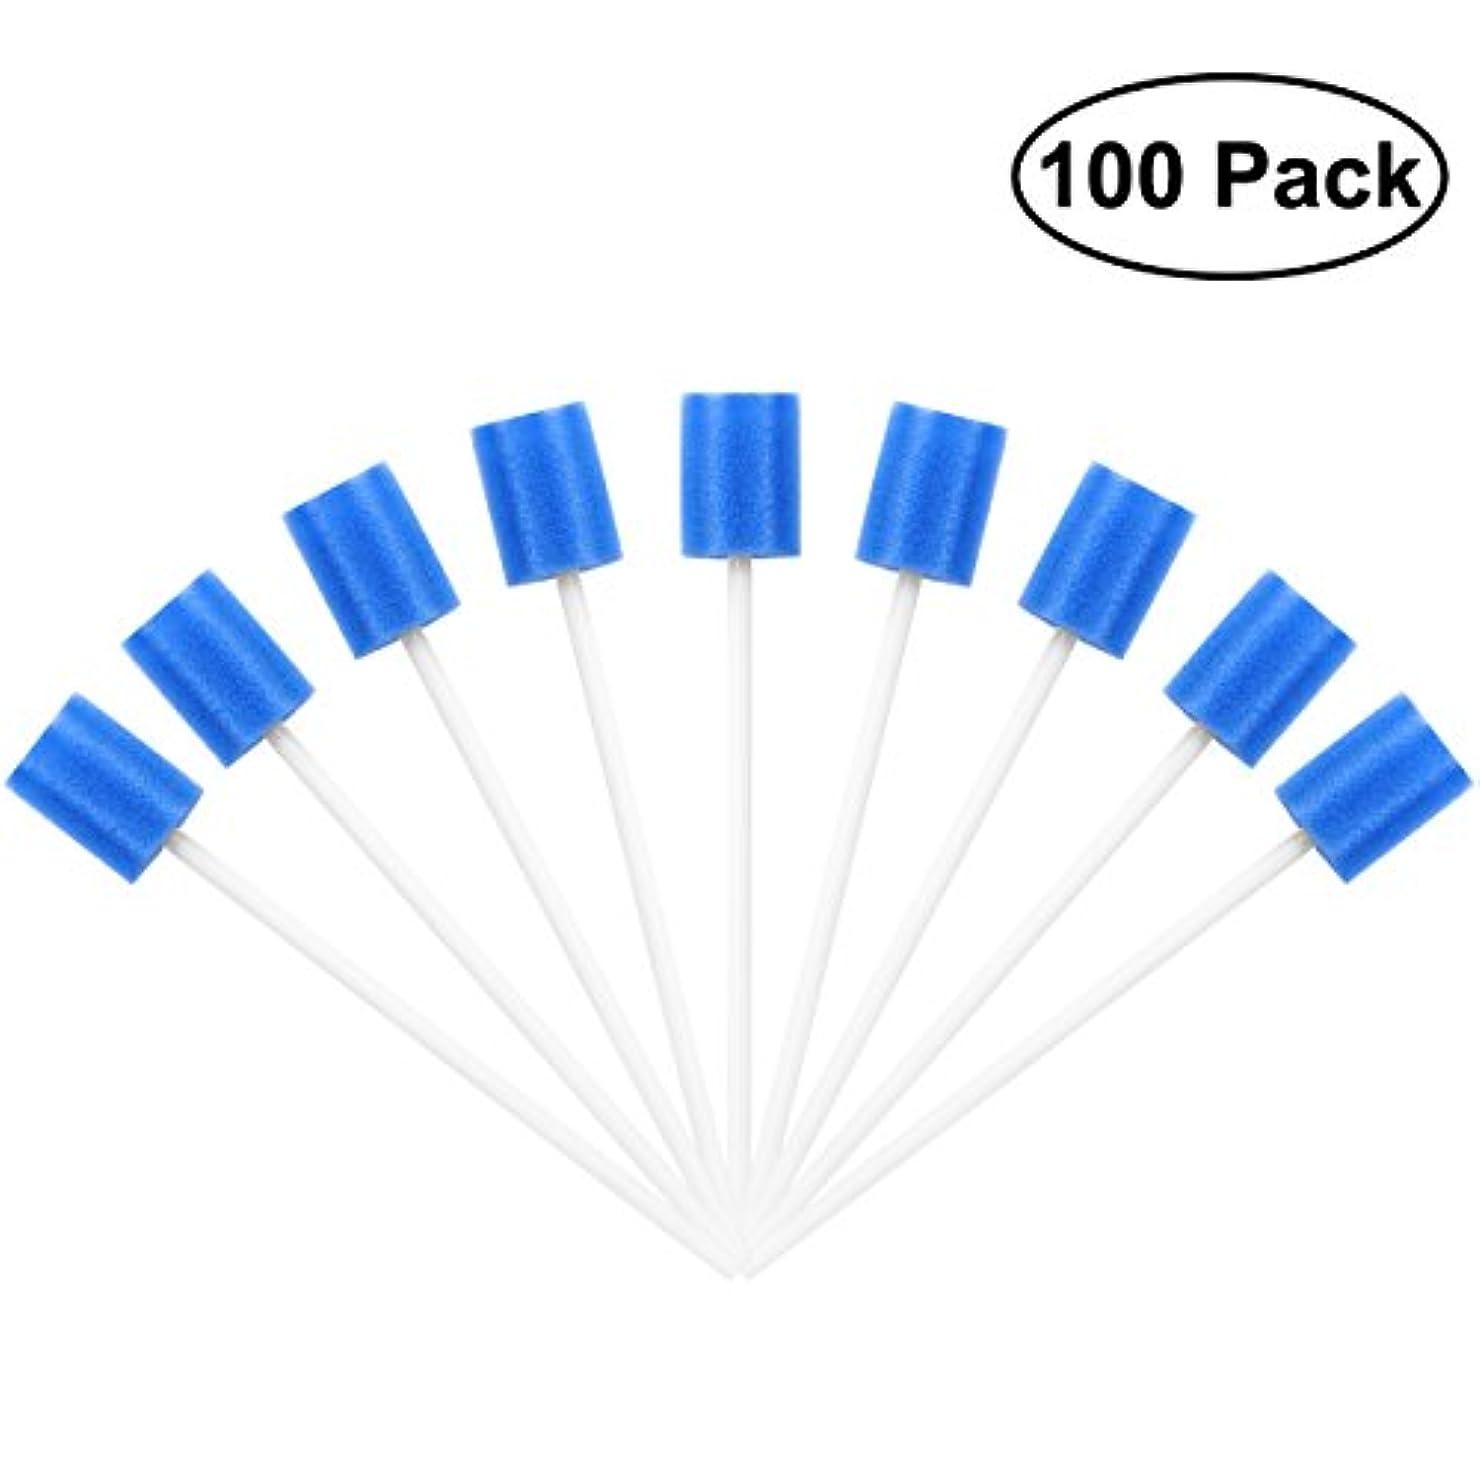 製作橋脚暗黙ROSENICE Mouth Sponges Dental Swabs 100Pcs Disposable Oral Care Swabs (Blue)